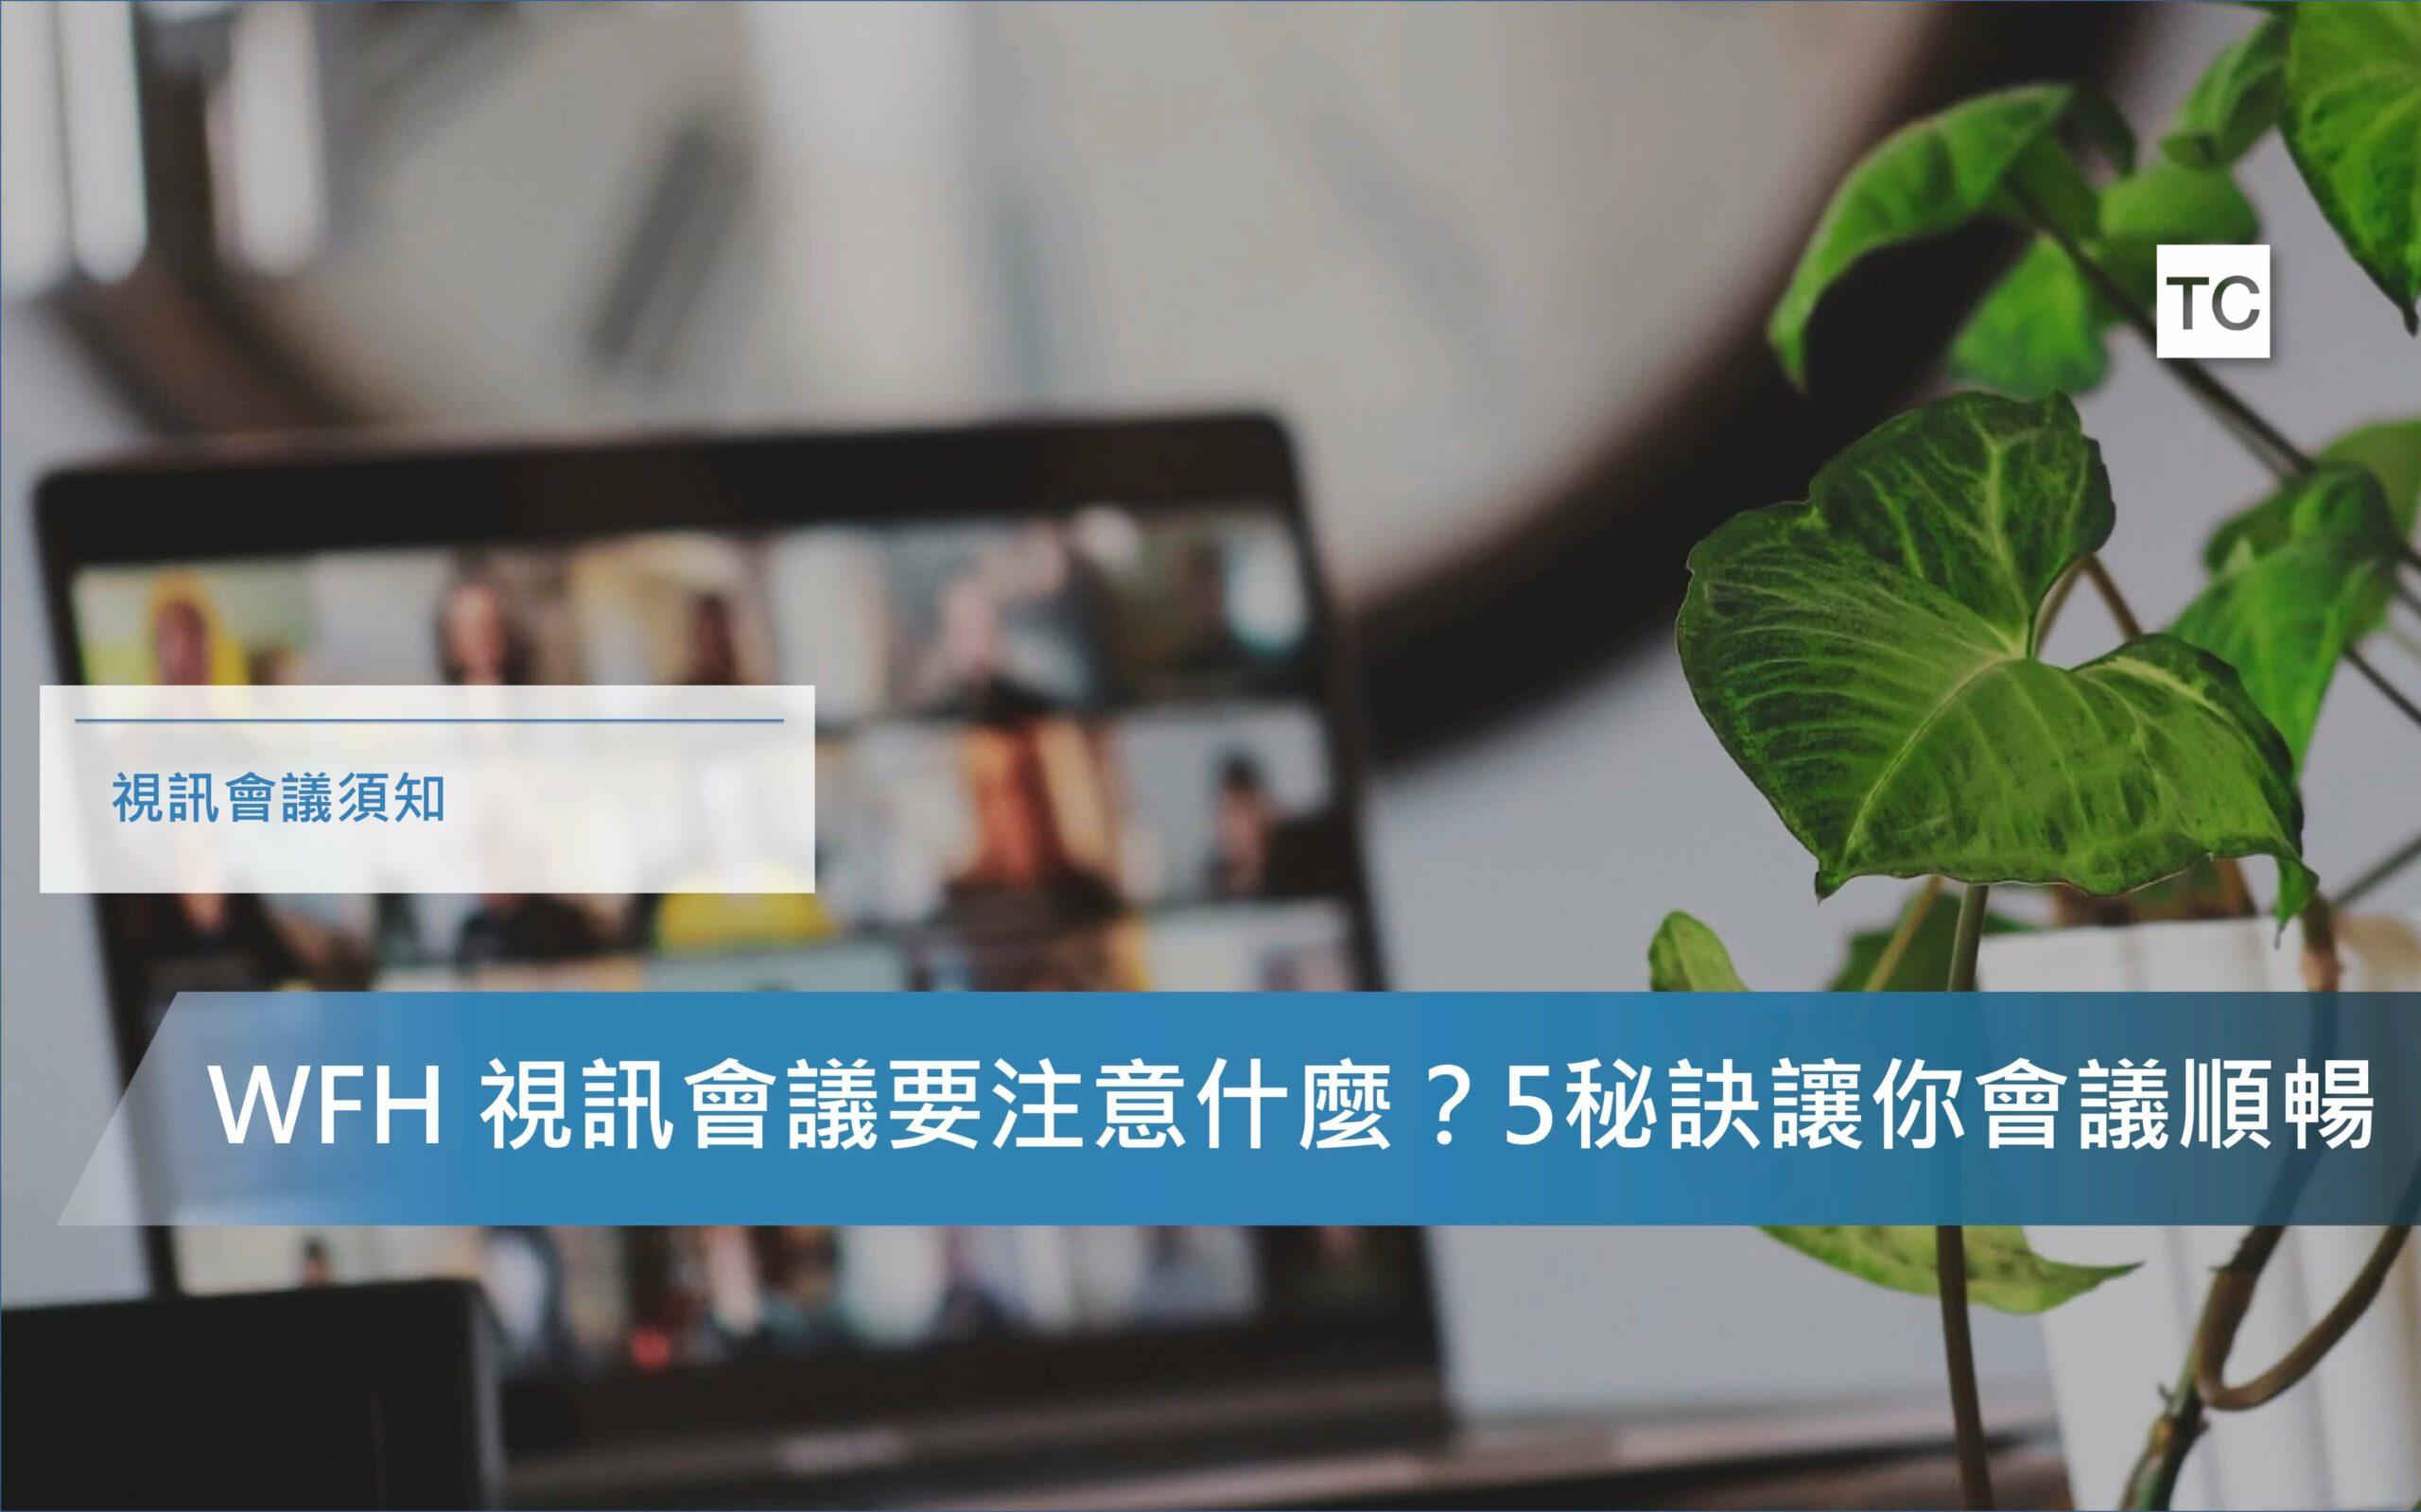 線上會議 | 視訊會議時該注意什麼?5個小秘訣讓你線上開會更流暢